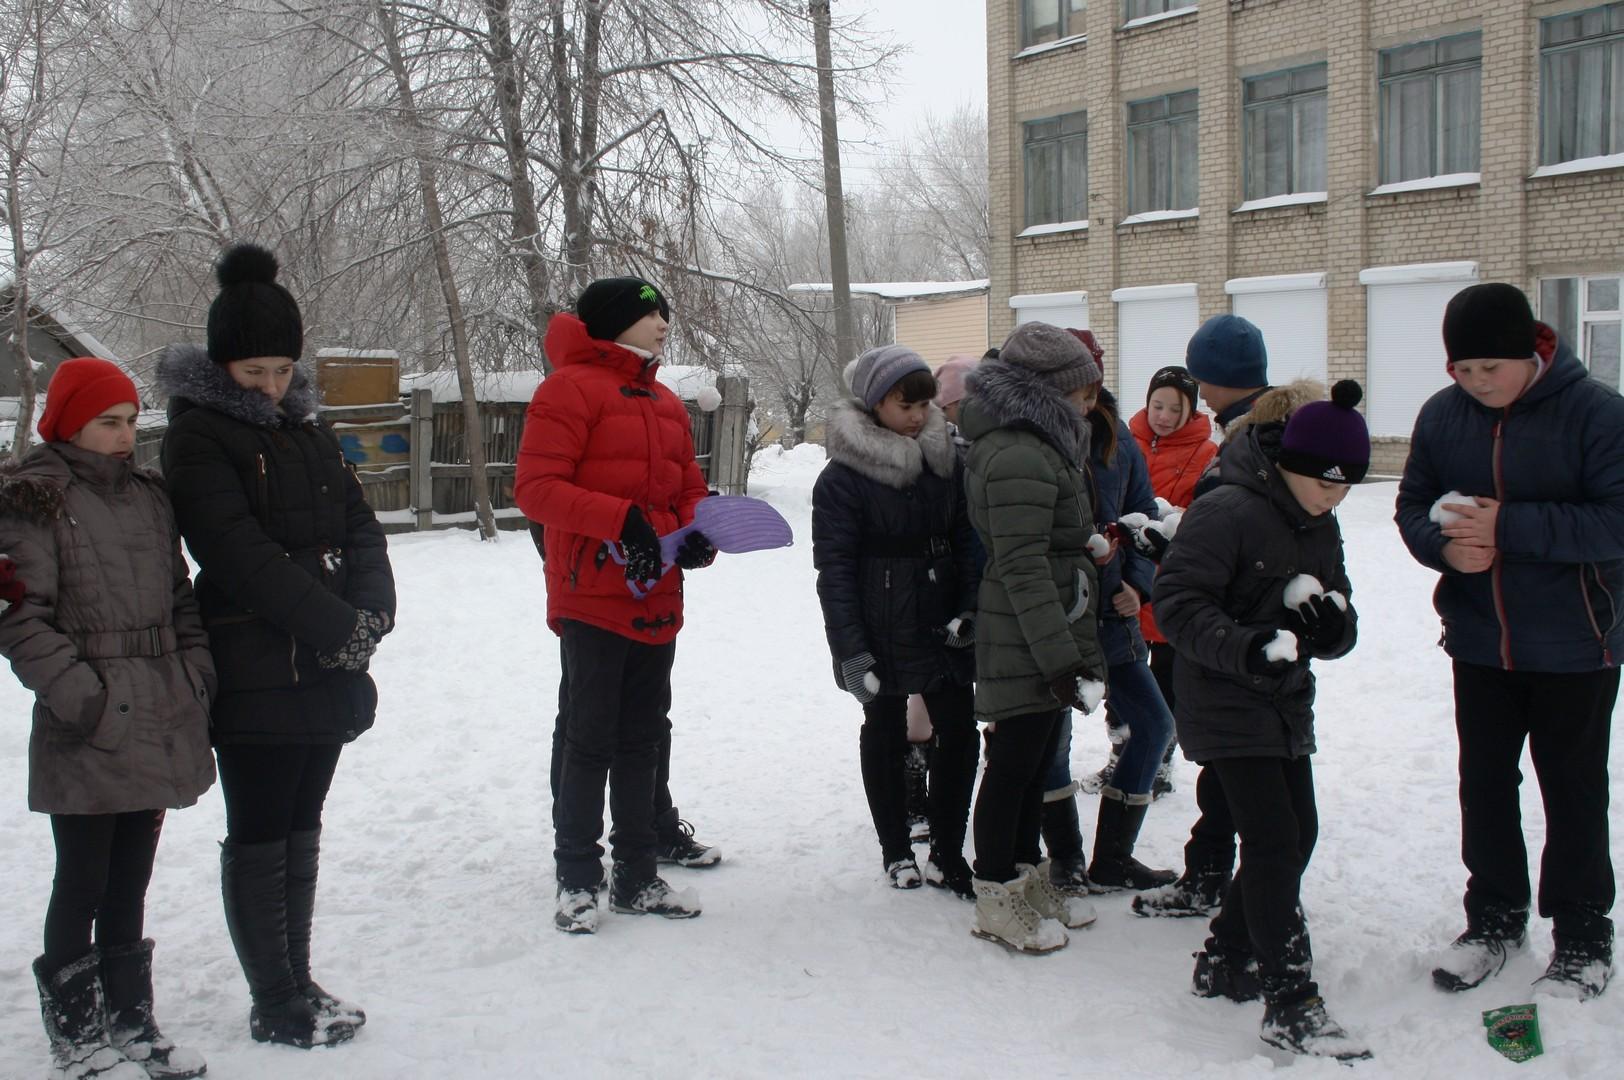 Итоги школьного этапа региональных соревнований зимней серии военно-спортивной игры «Зарница» среди обучающихся 5 – 9 классов. 6